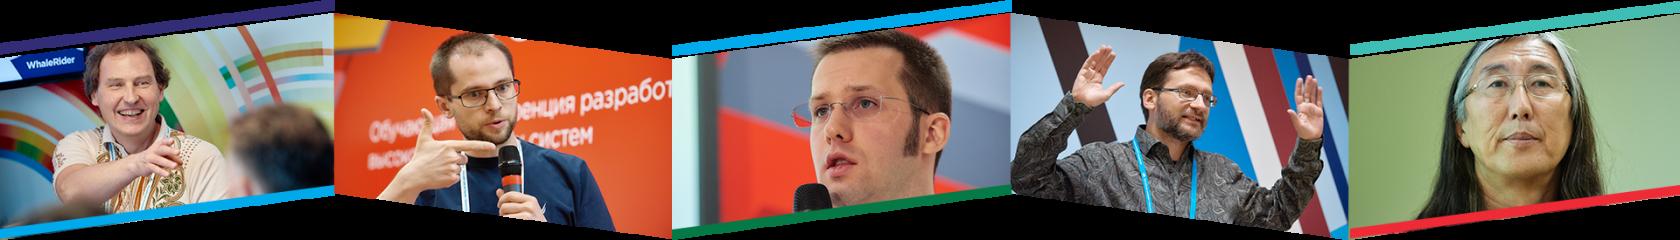 Фестиваль «Российские интернет-технологии» приглашает докладчиков - 6